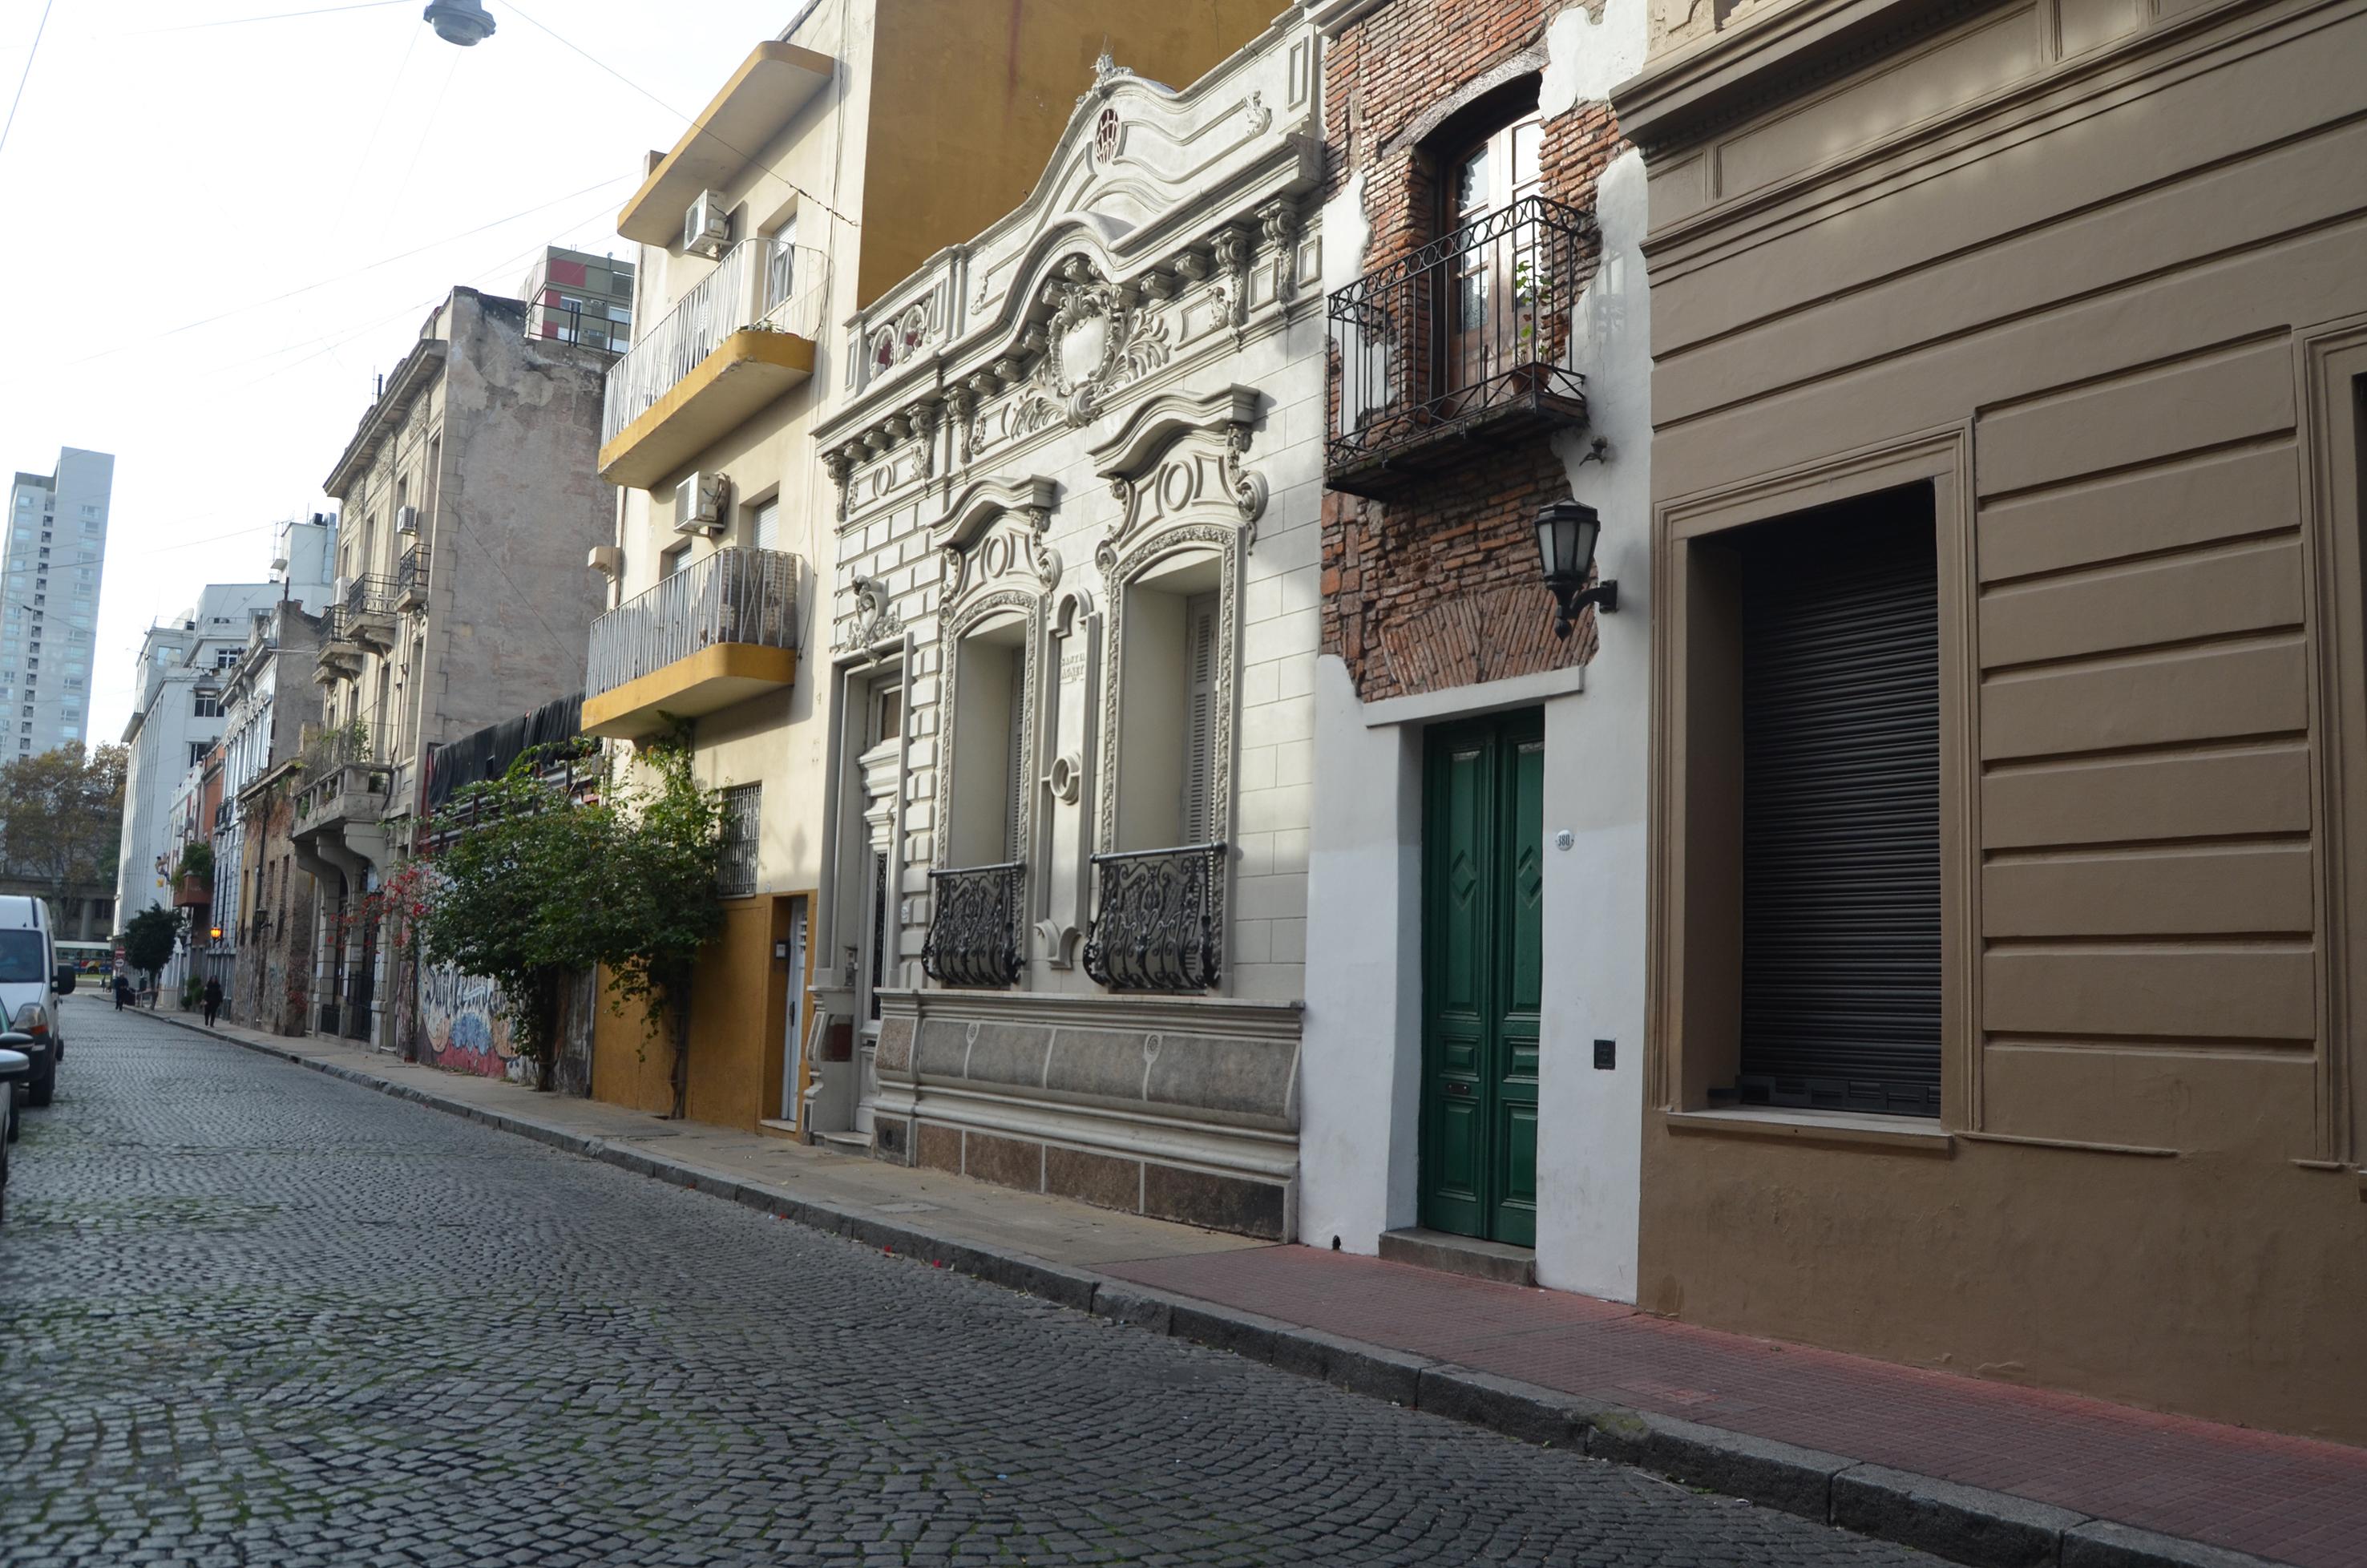 Va desde la Avenida Independencia hasta la calle Defensa y cruza Balcarce, a siete cuadras de la Casa Rosada. Al 380 reside la casa más angosta de la ciudad: hoy convertido en un paseo turístico